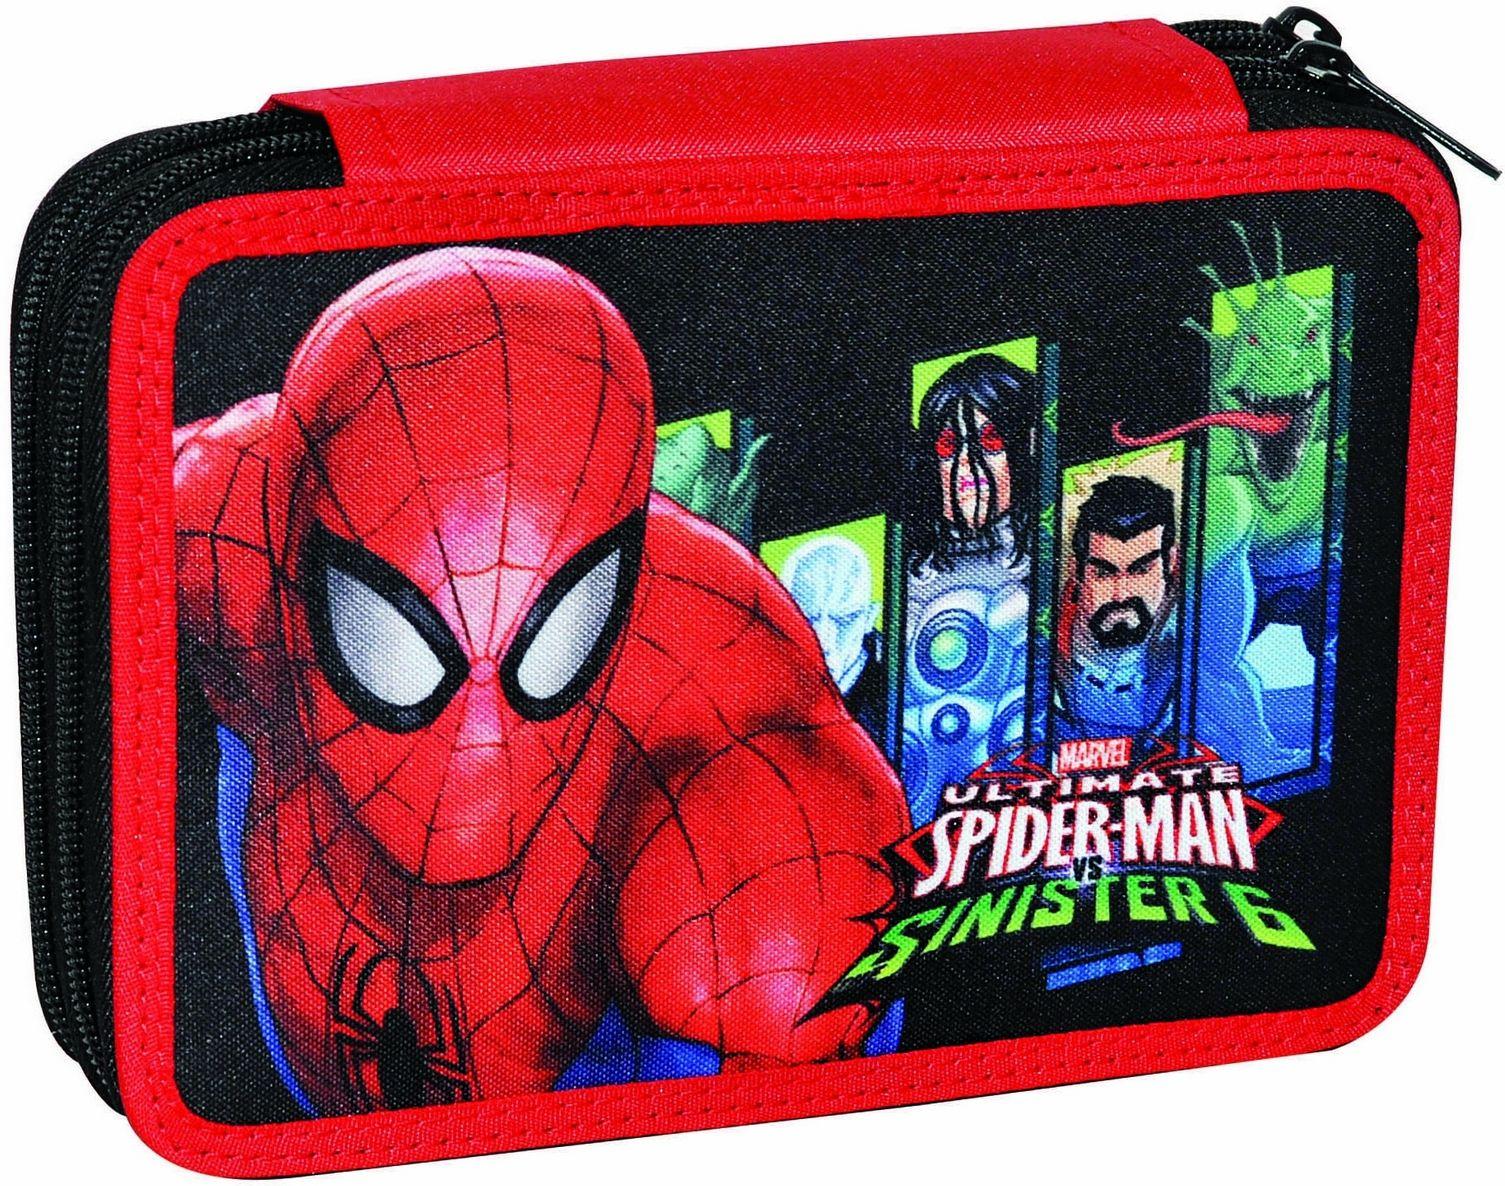 Κασετινα Διπλη Γεματη Spiderman Sinister 337-66100 σχολικες τσαντες   τσάντες δημοτικού   κασετίνες